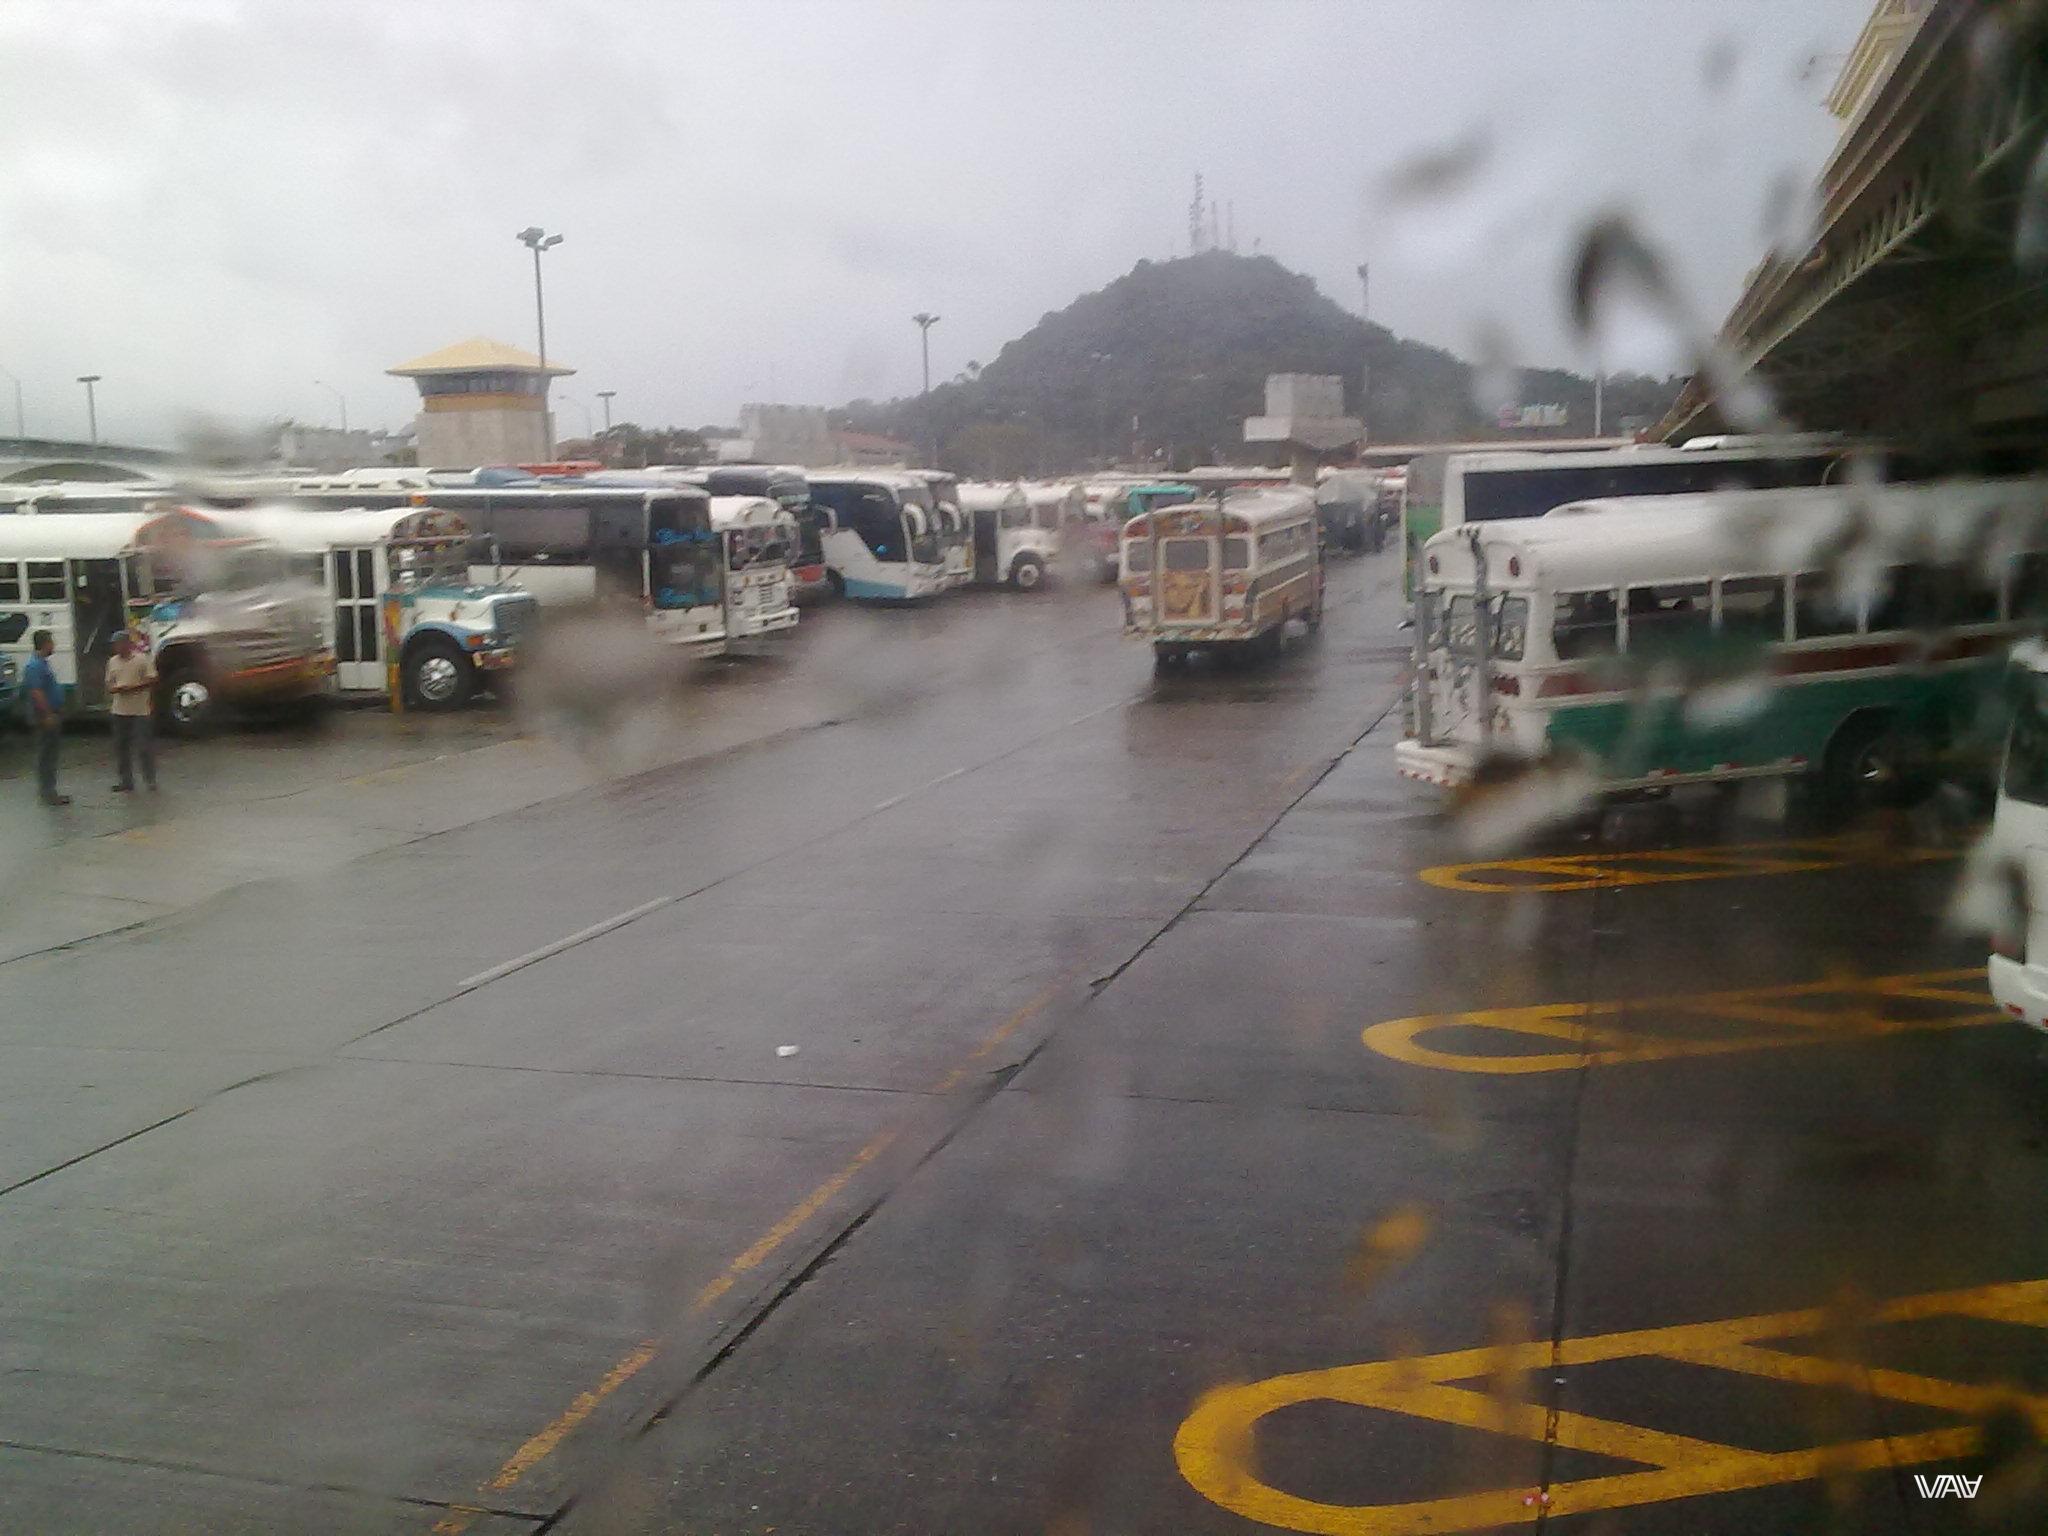 Панамские автобусы отдельный вид искусства!